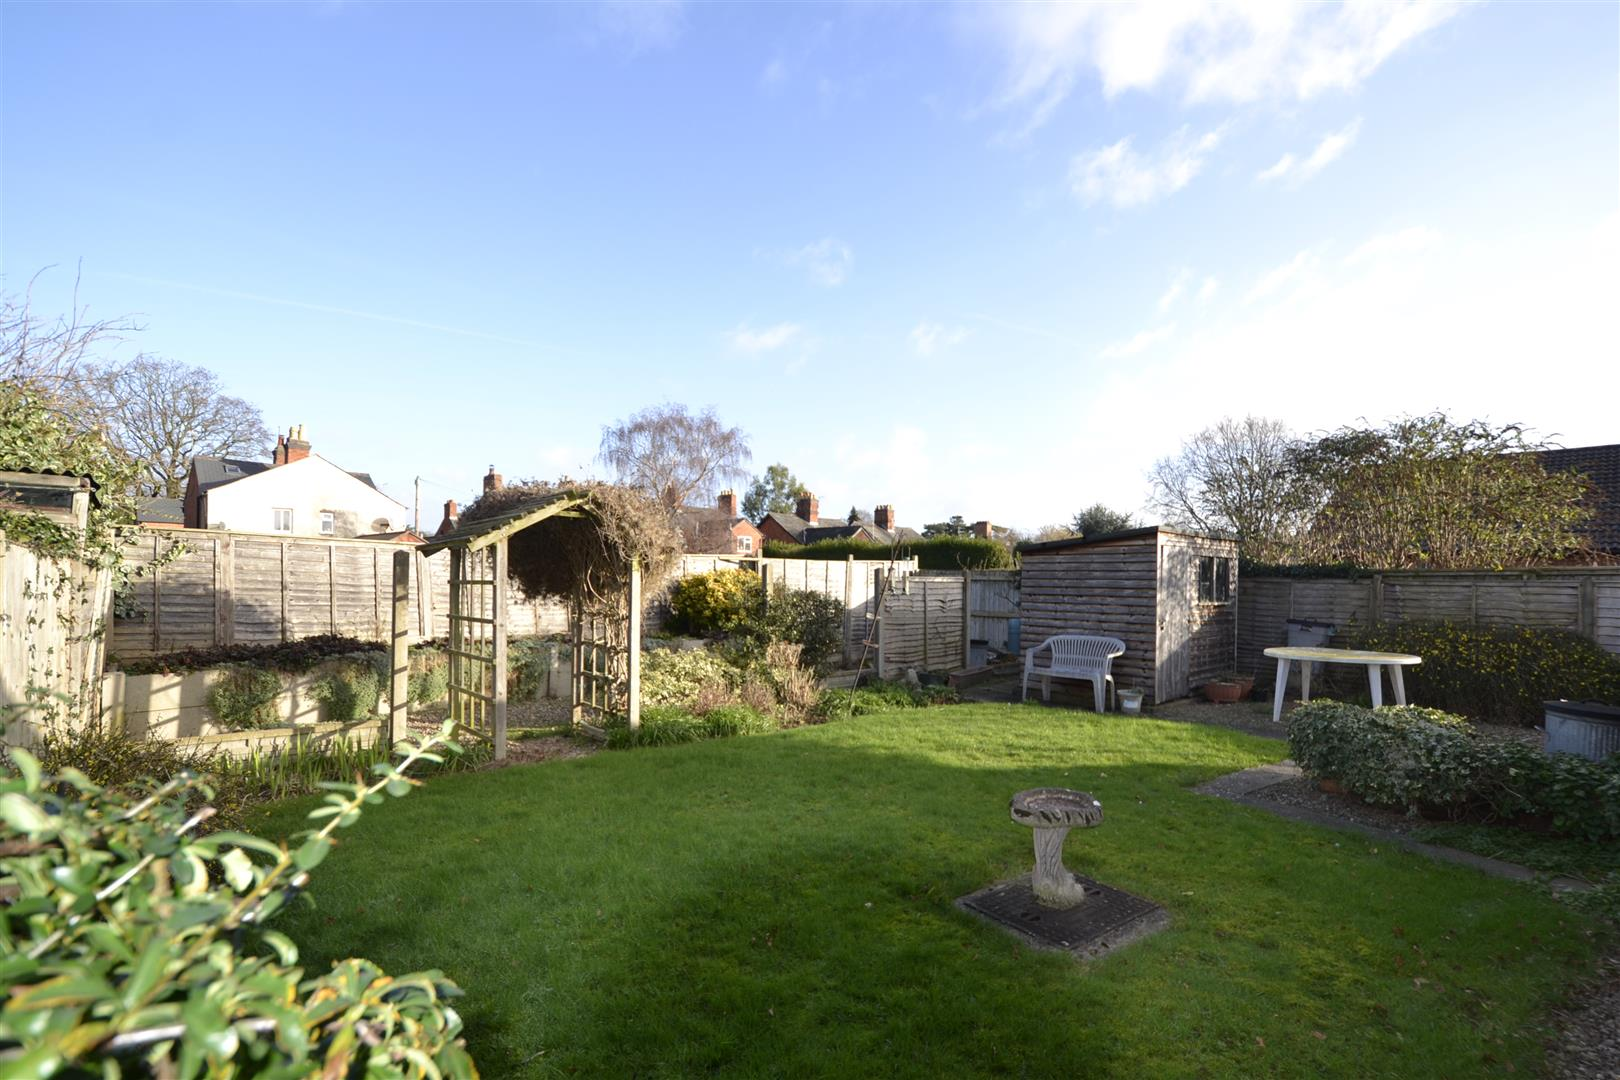 Hill View Close, Malvern